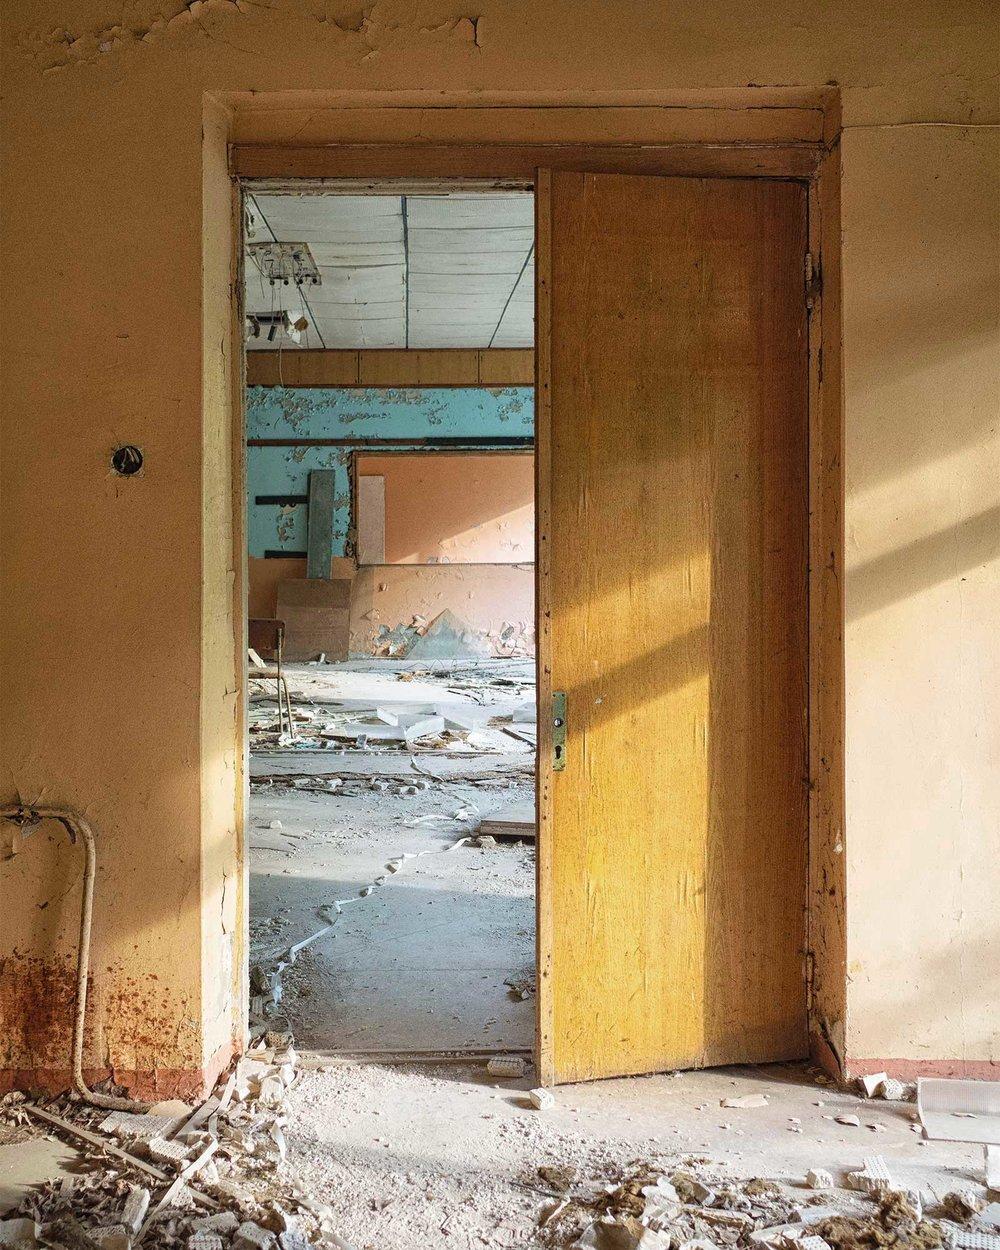 065_chernobyl_PostOffice_w.jpg